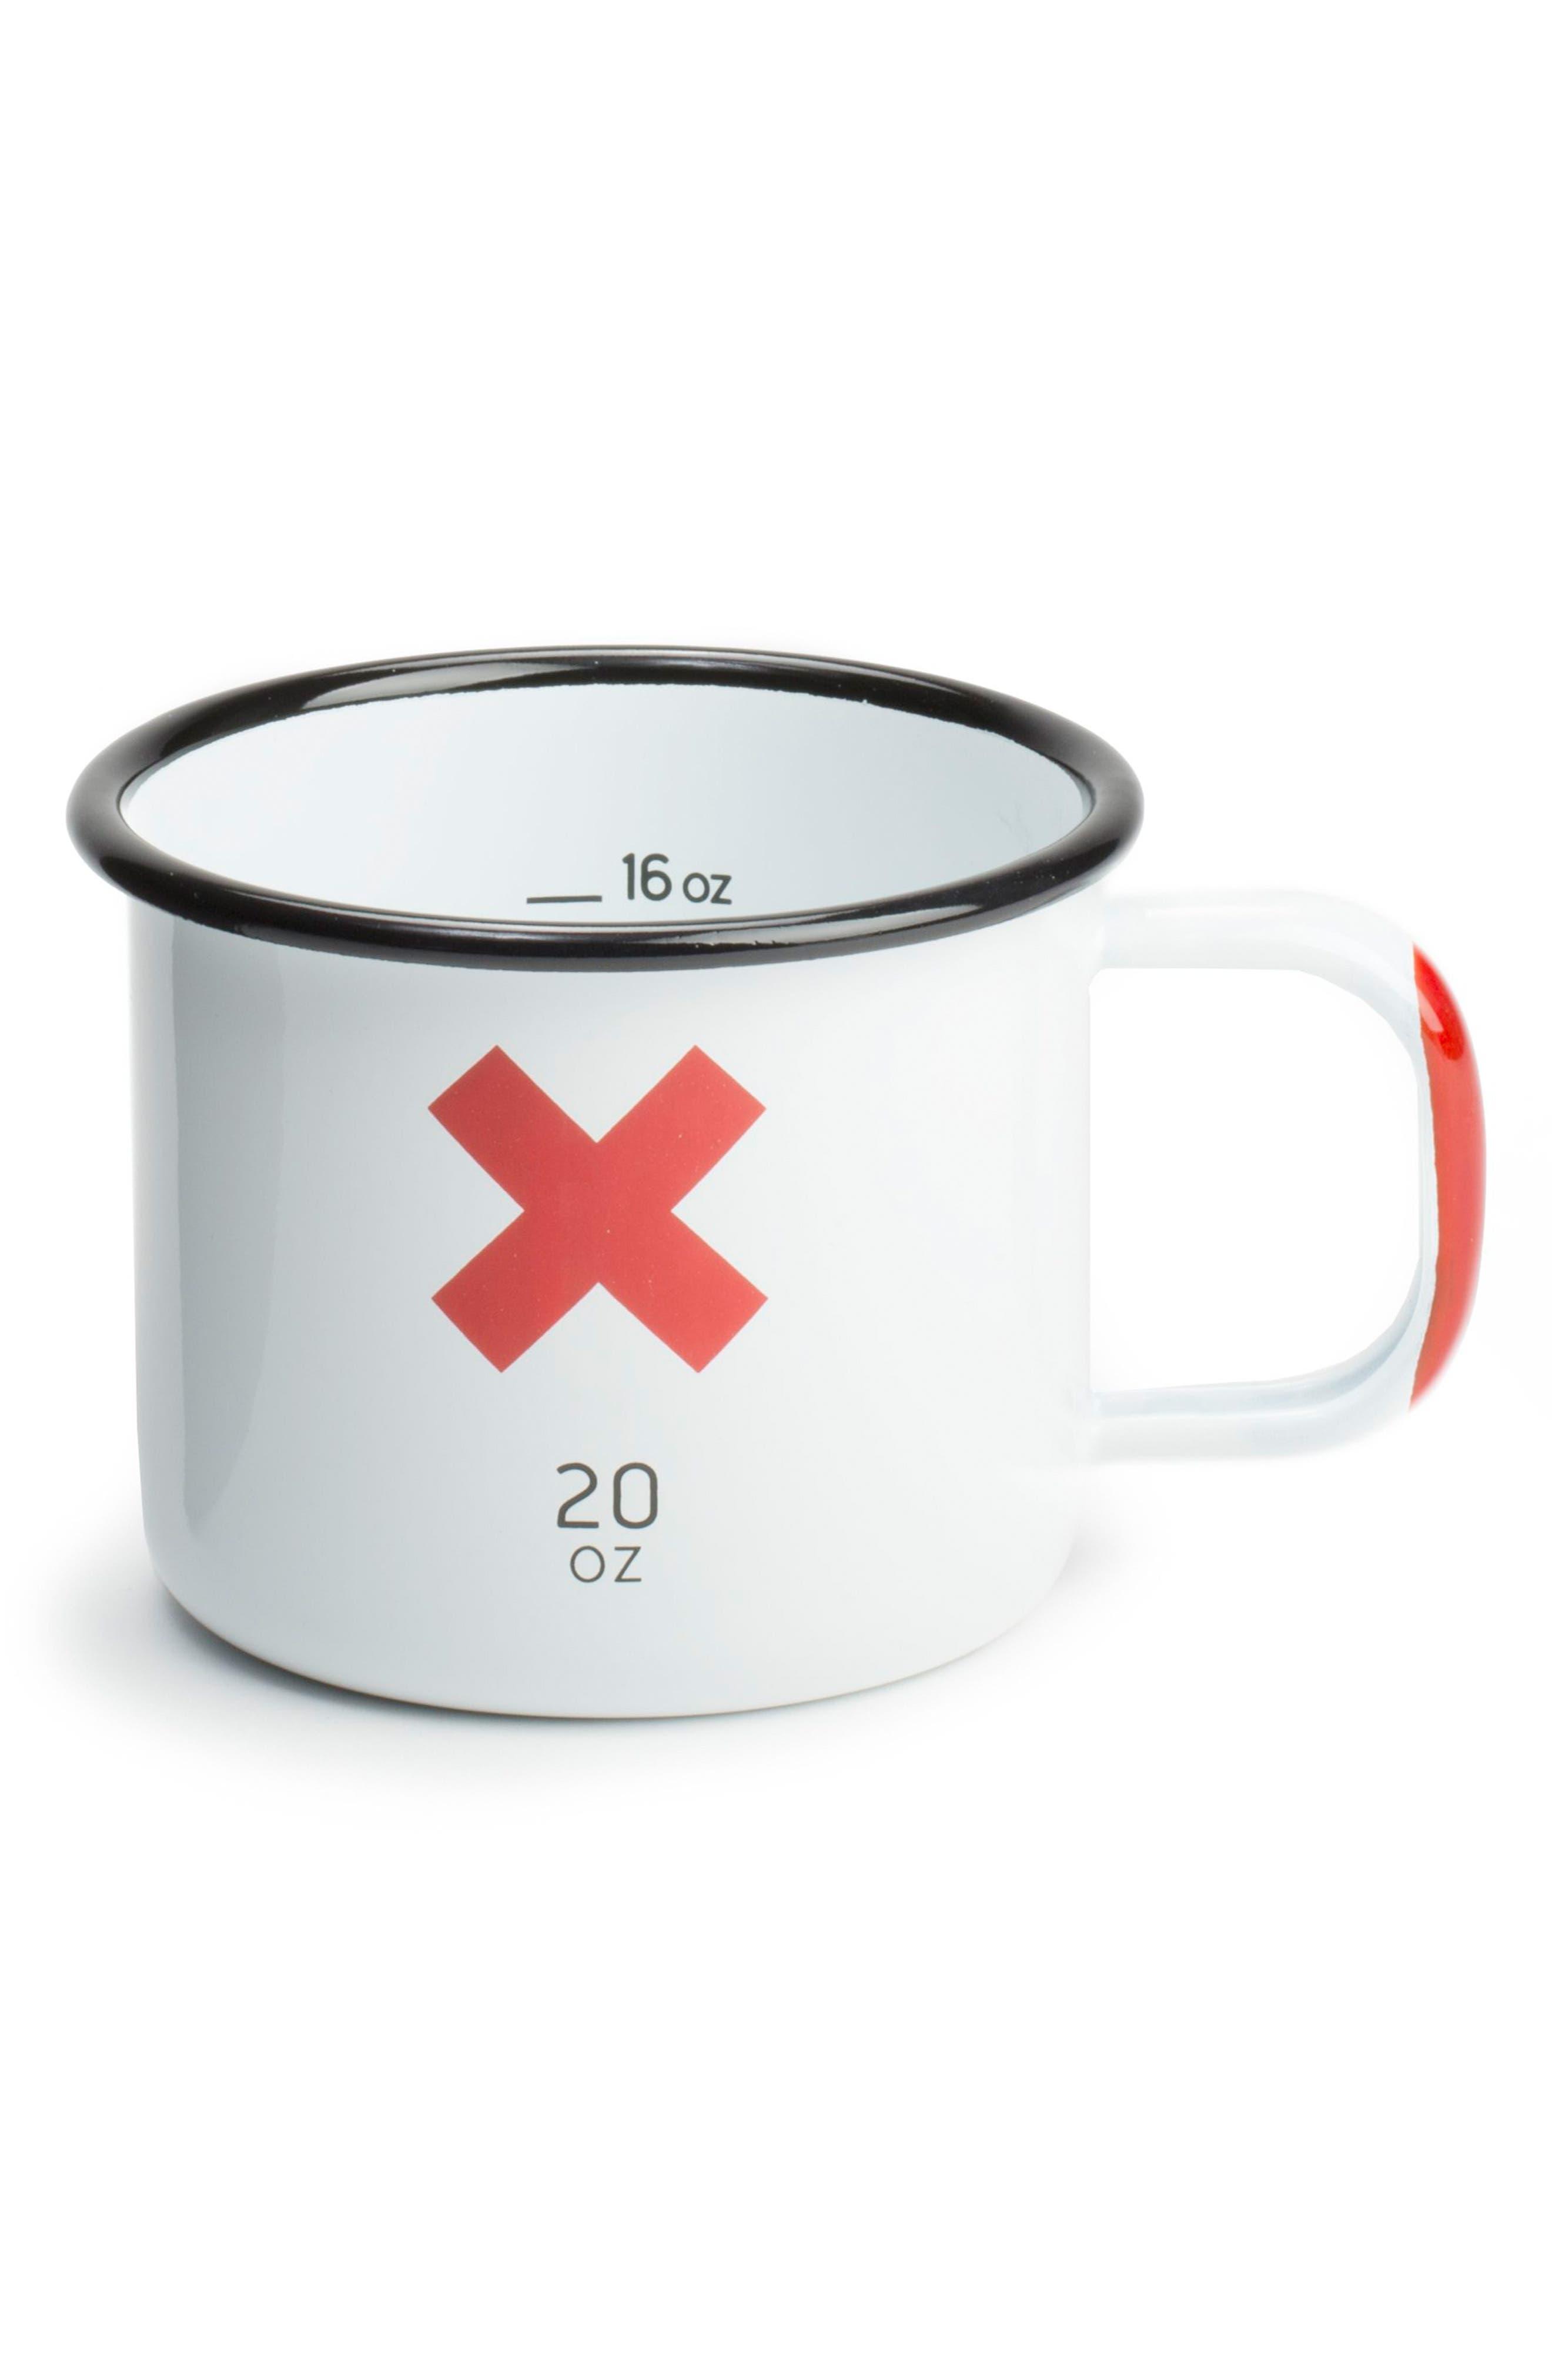 BEST MADE CO.,                             Set of 2 Enameled Steel Mugs,                             Alternate thumbnail 4, color,                             WHITE